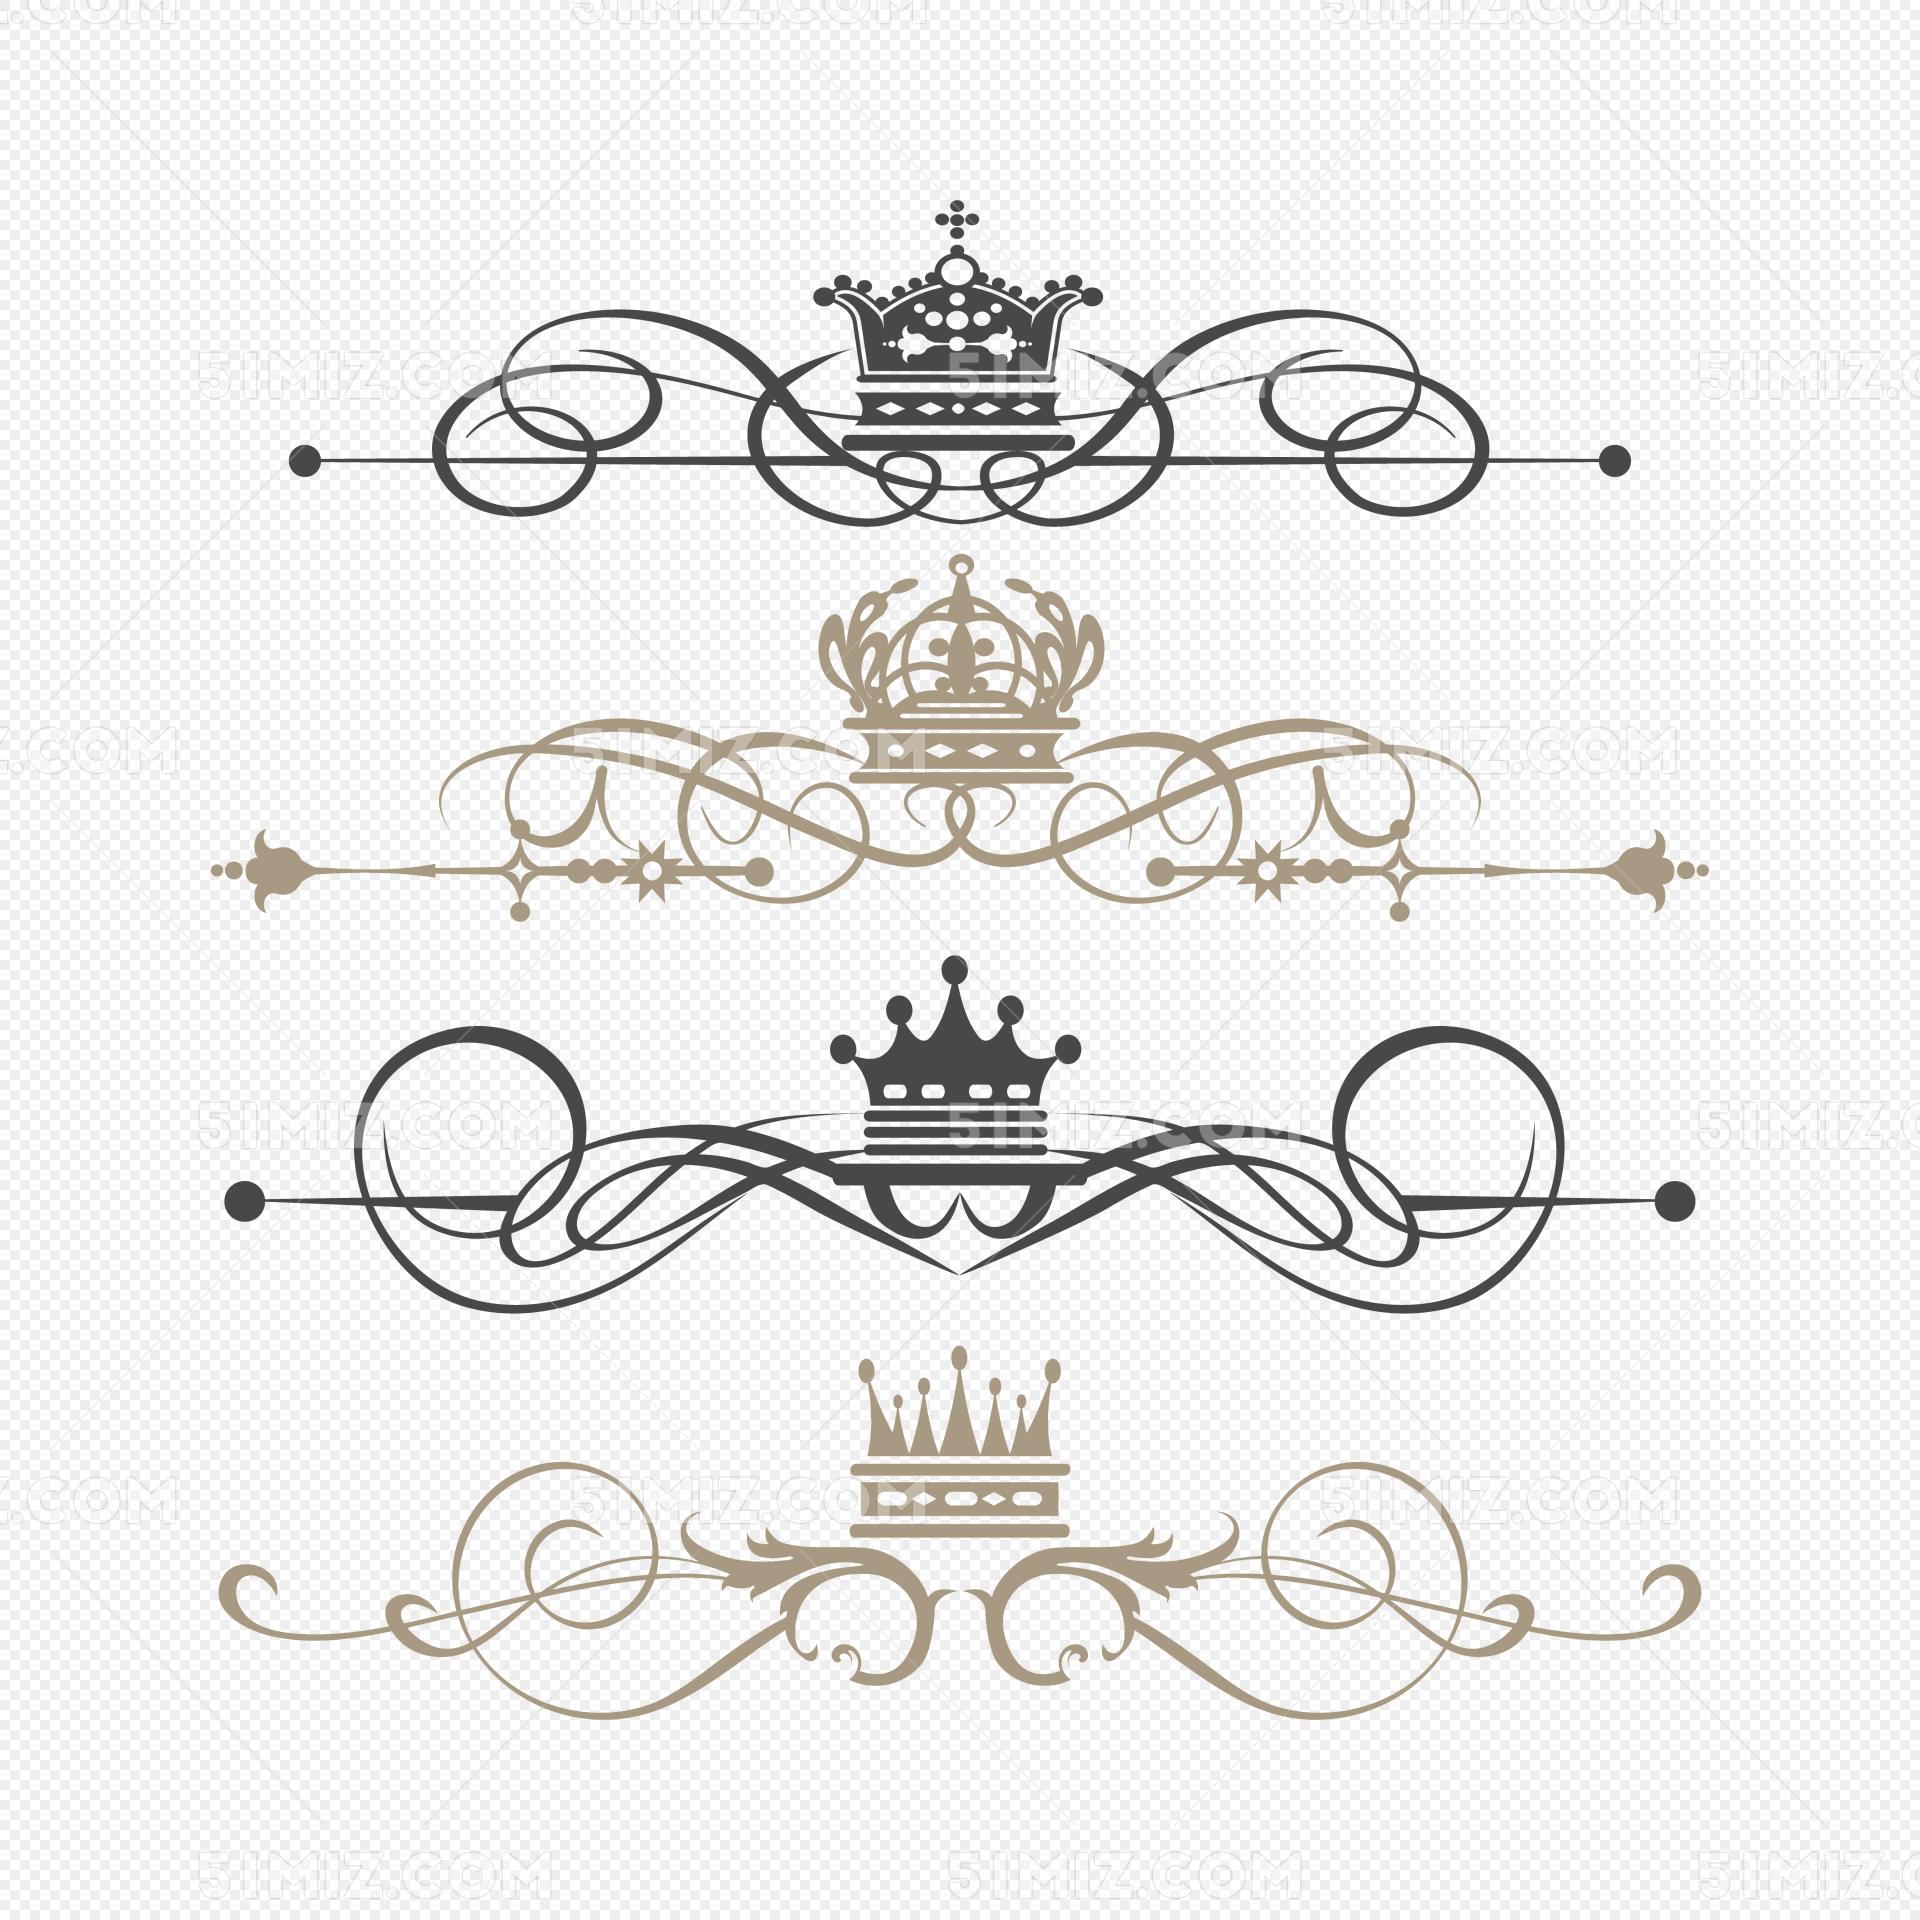 皇冠花纹素材